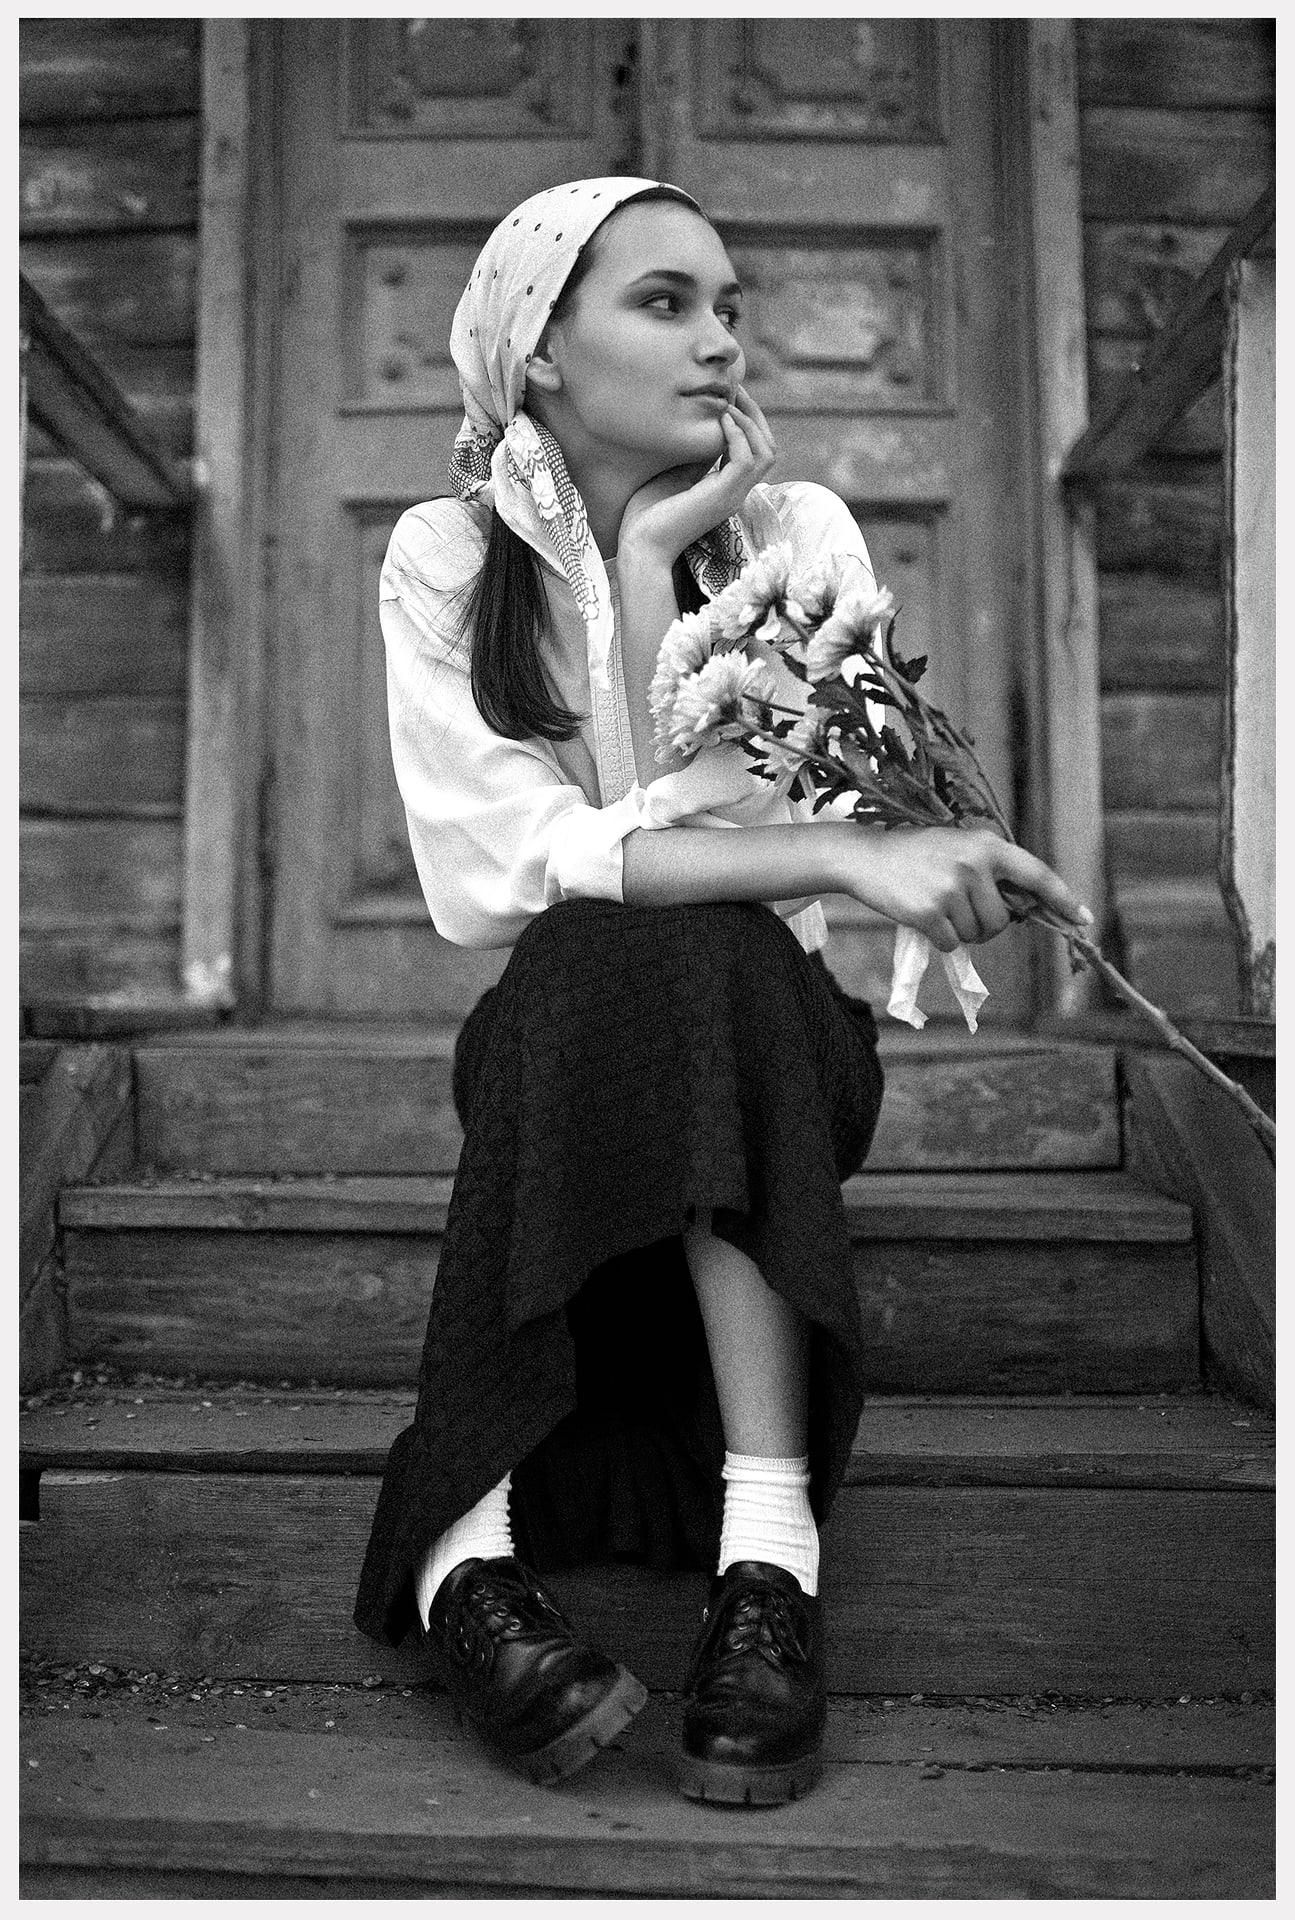 Sofia Prokhorova by Pavel Polyarnik